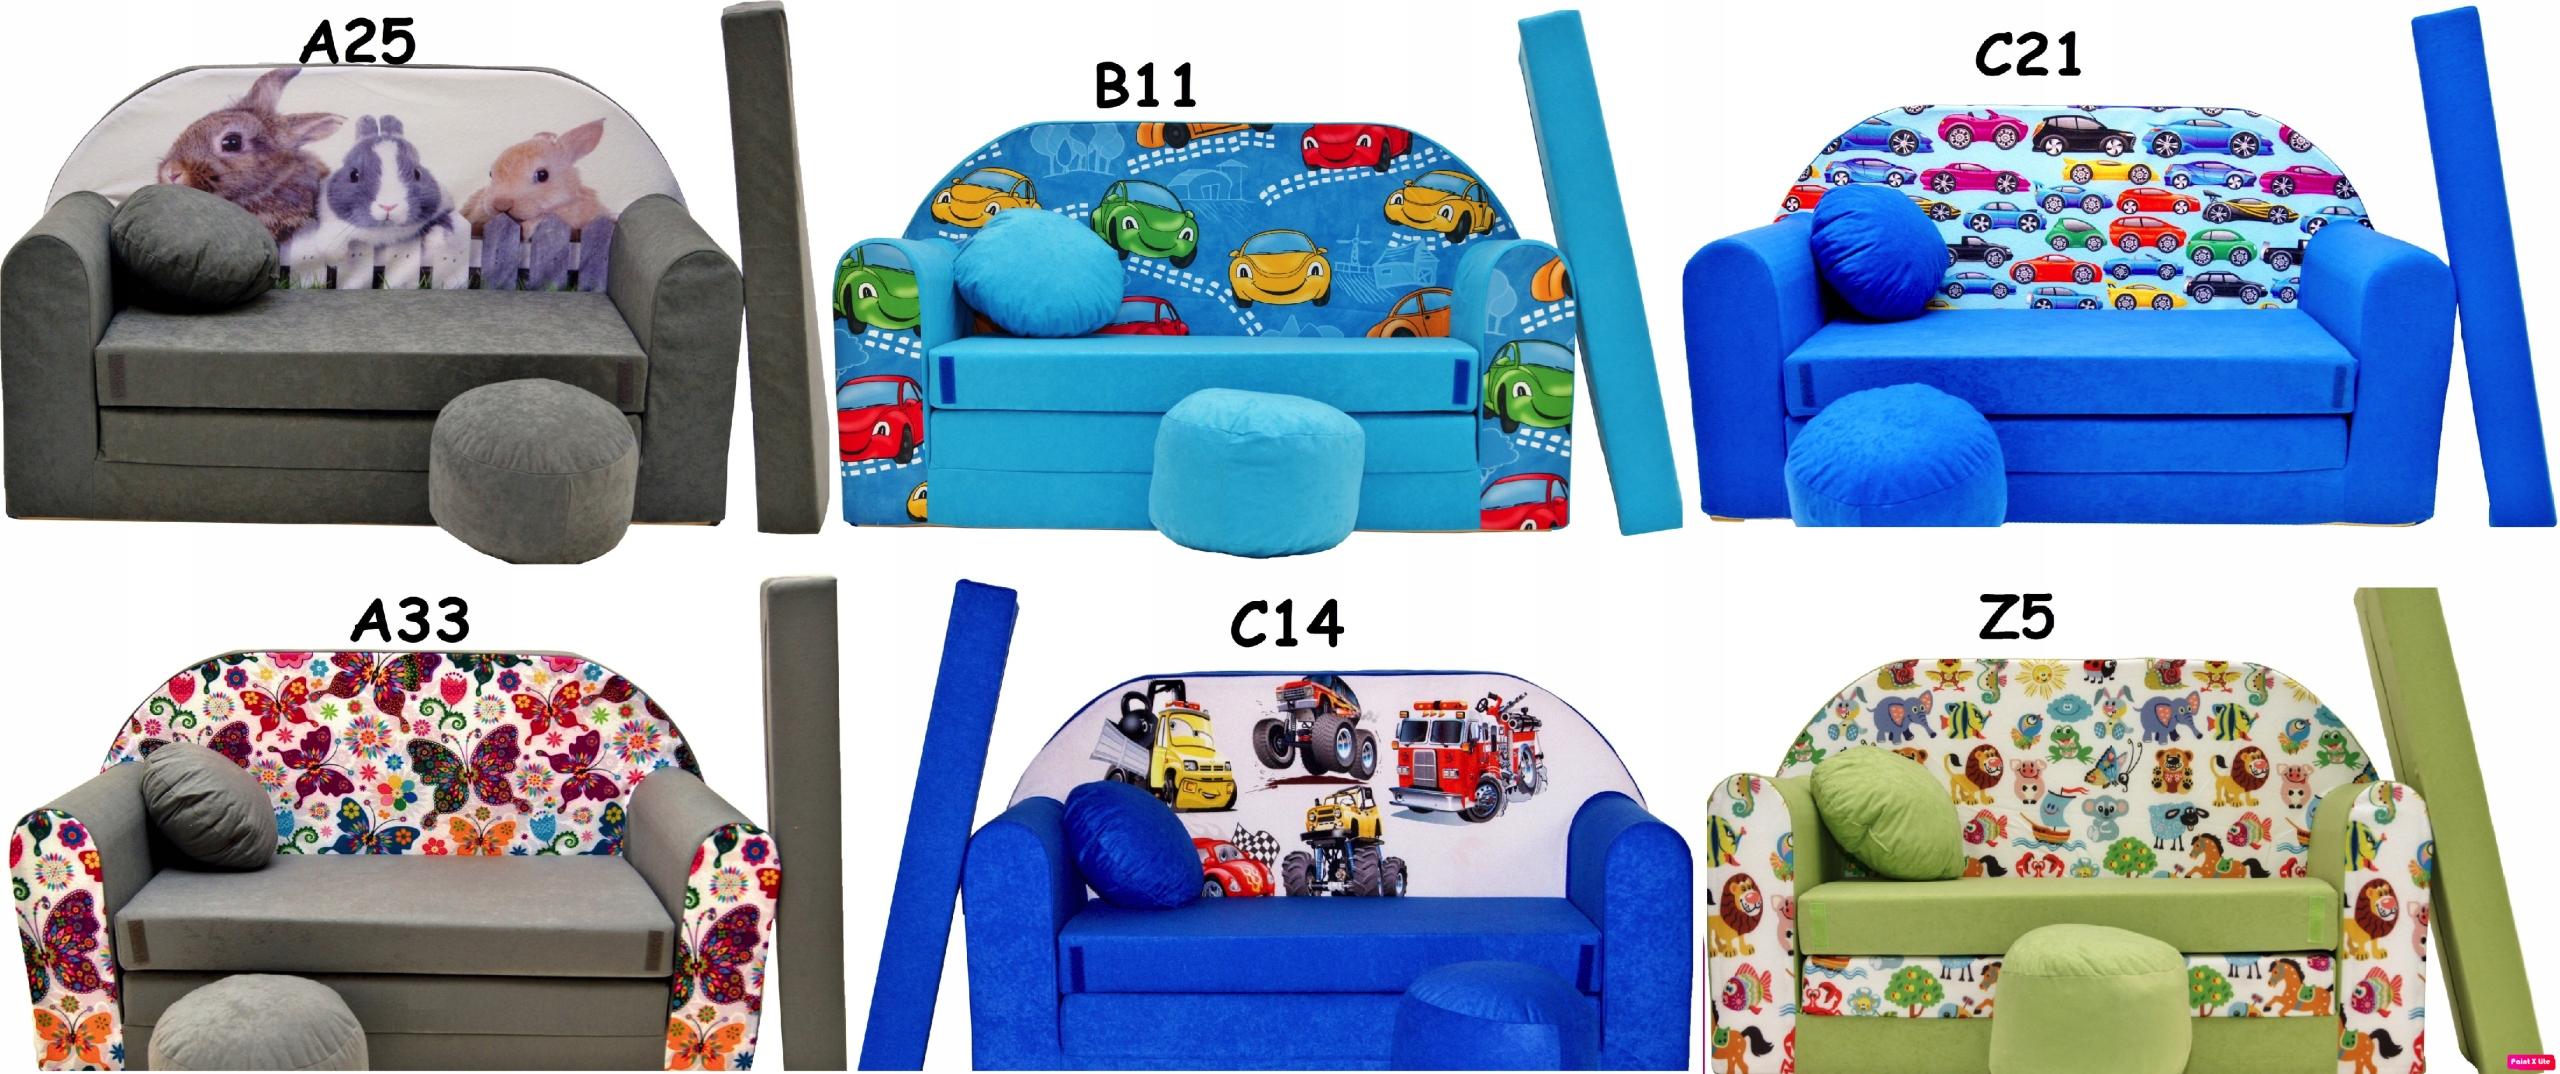 Rozkladacia pohovka pre deti posteľná poduška EAN 5903268303416